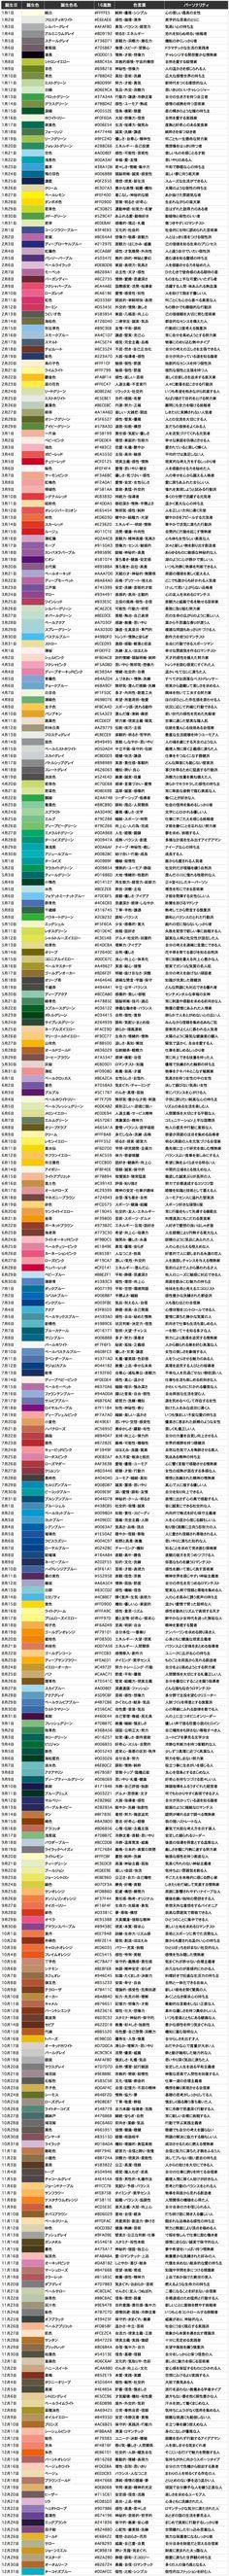 【あなたの誕生日の色は何色!?】本当のあなたが誕生色でわかるかも!!! | いいね!ニュース